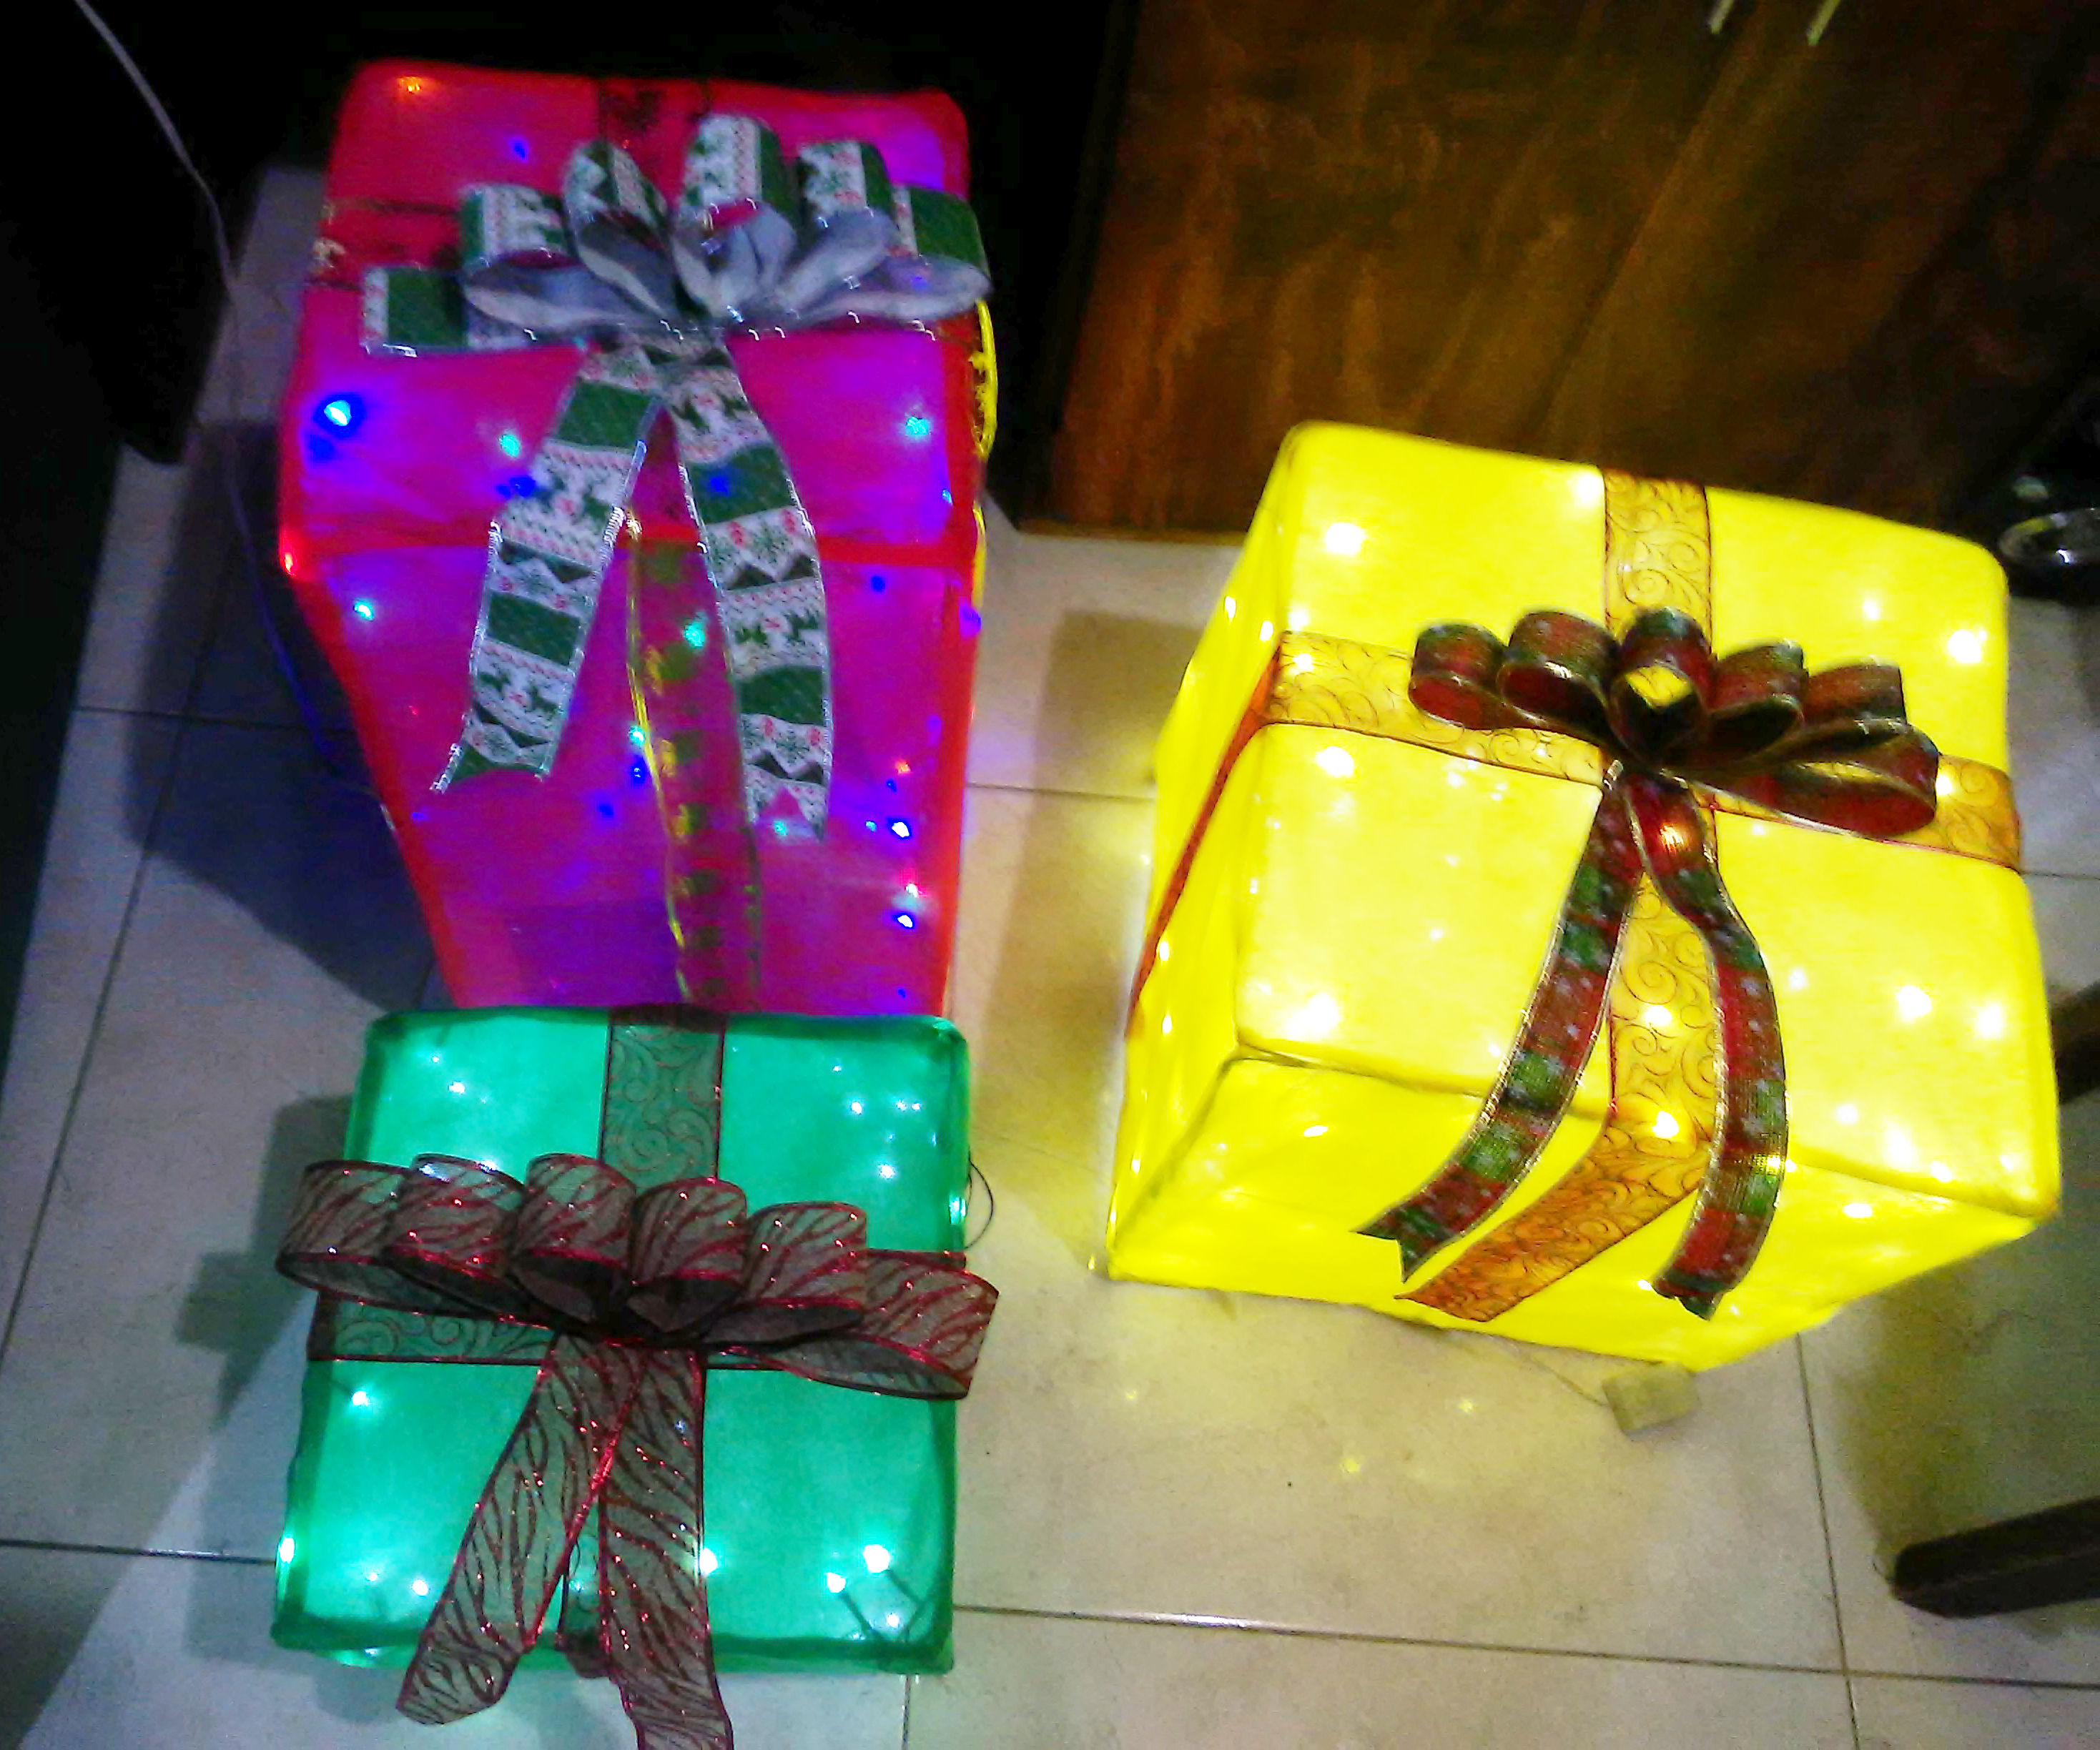 Illuminated Gift Box - Outside Decoration